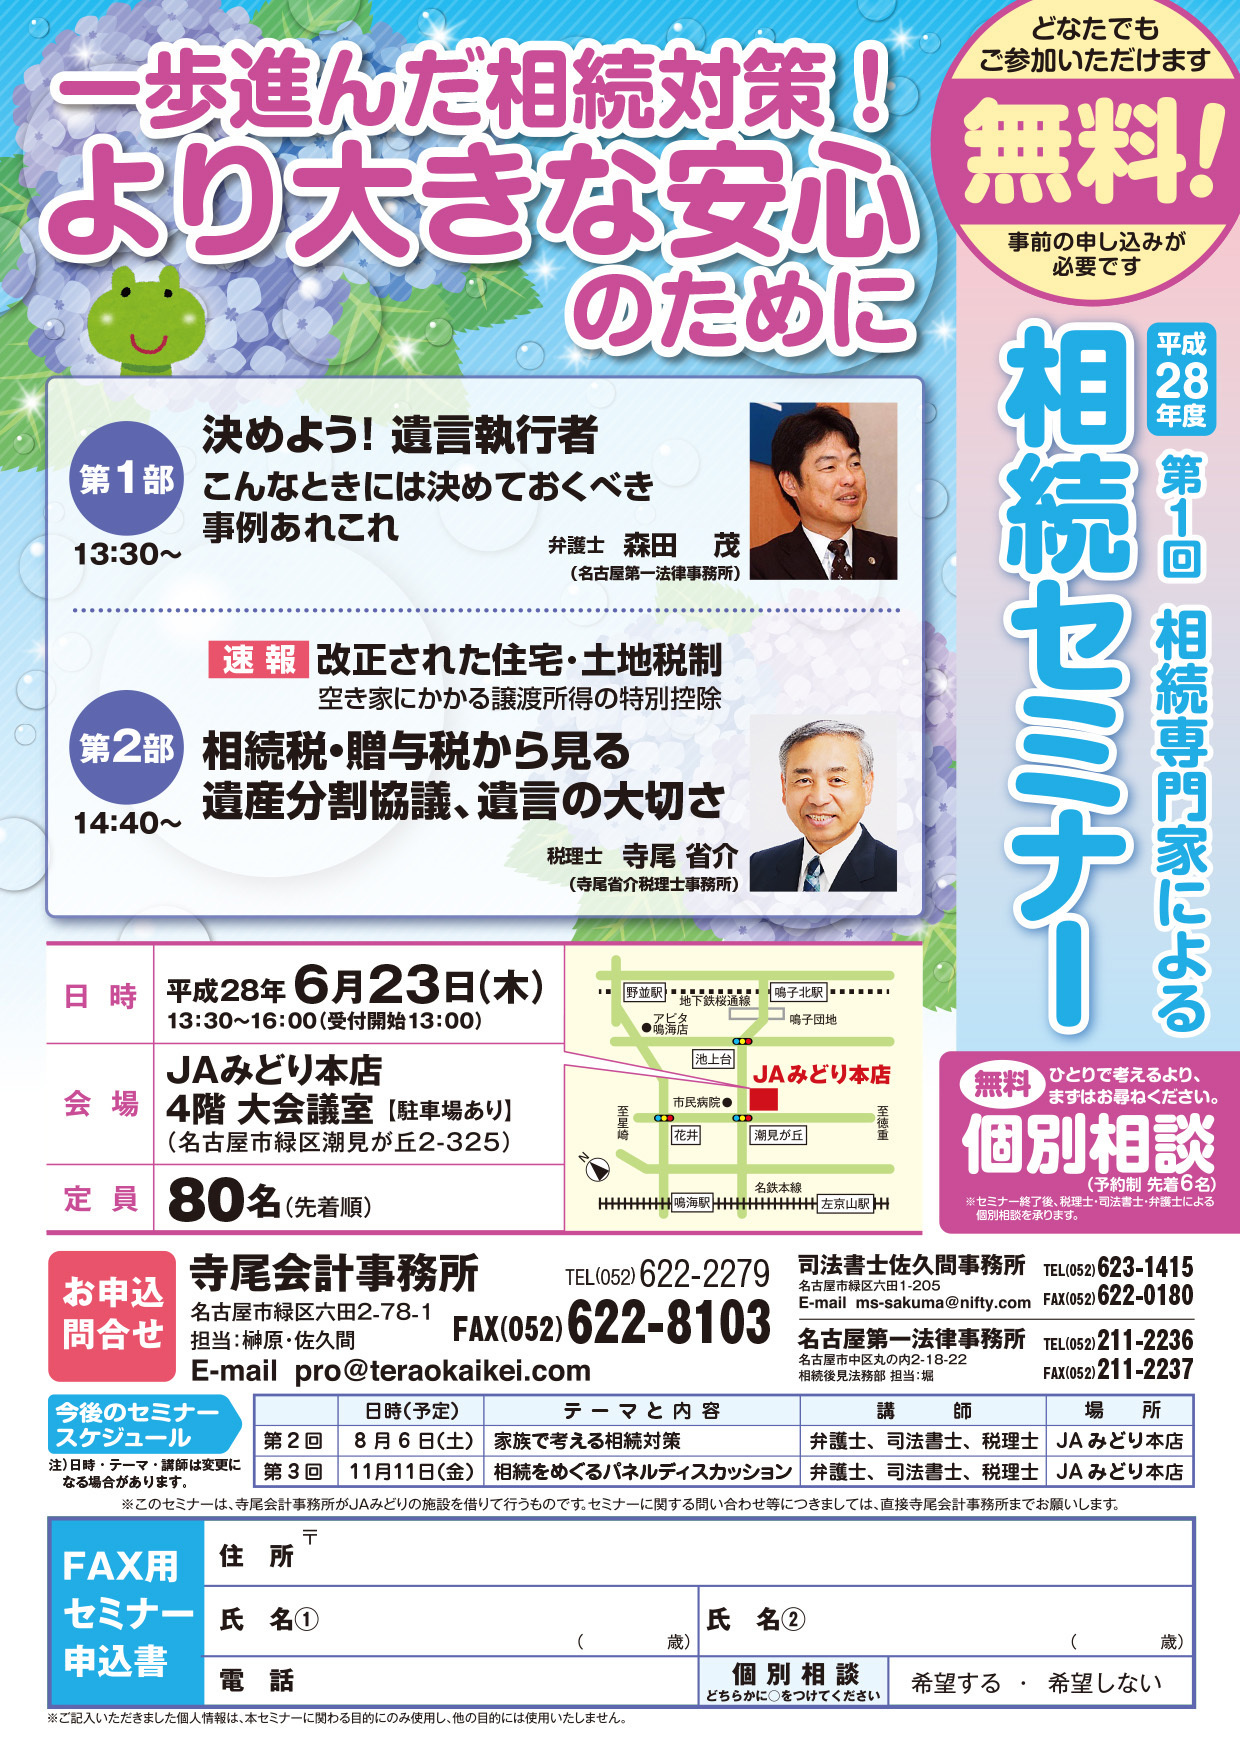 相続セミナー再校正-02.jpg